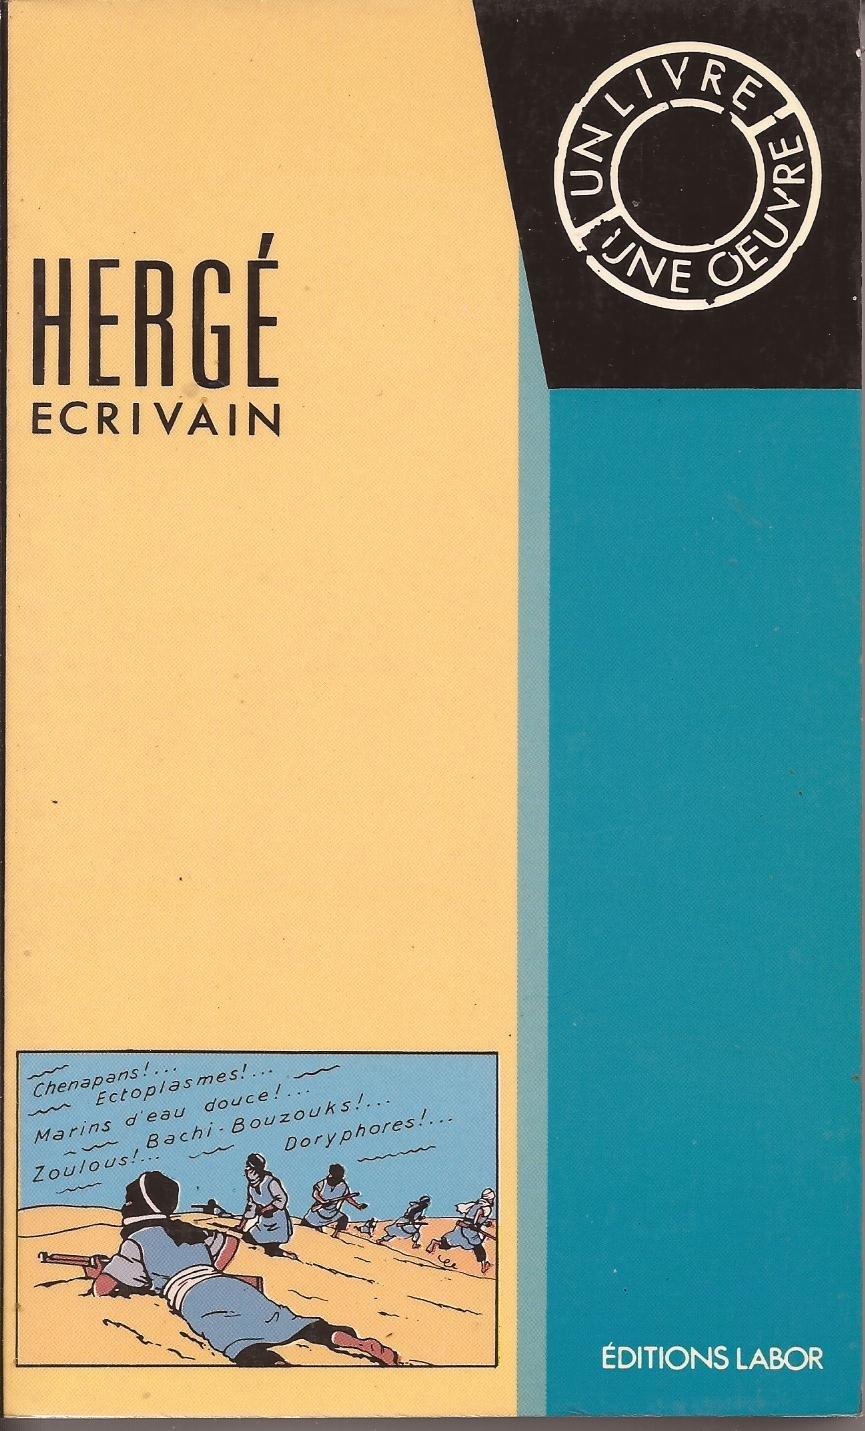 Hergé écrivain